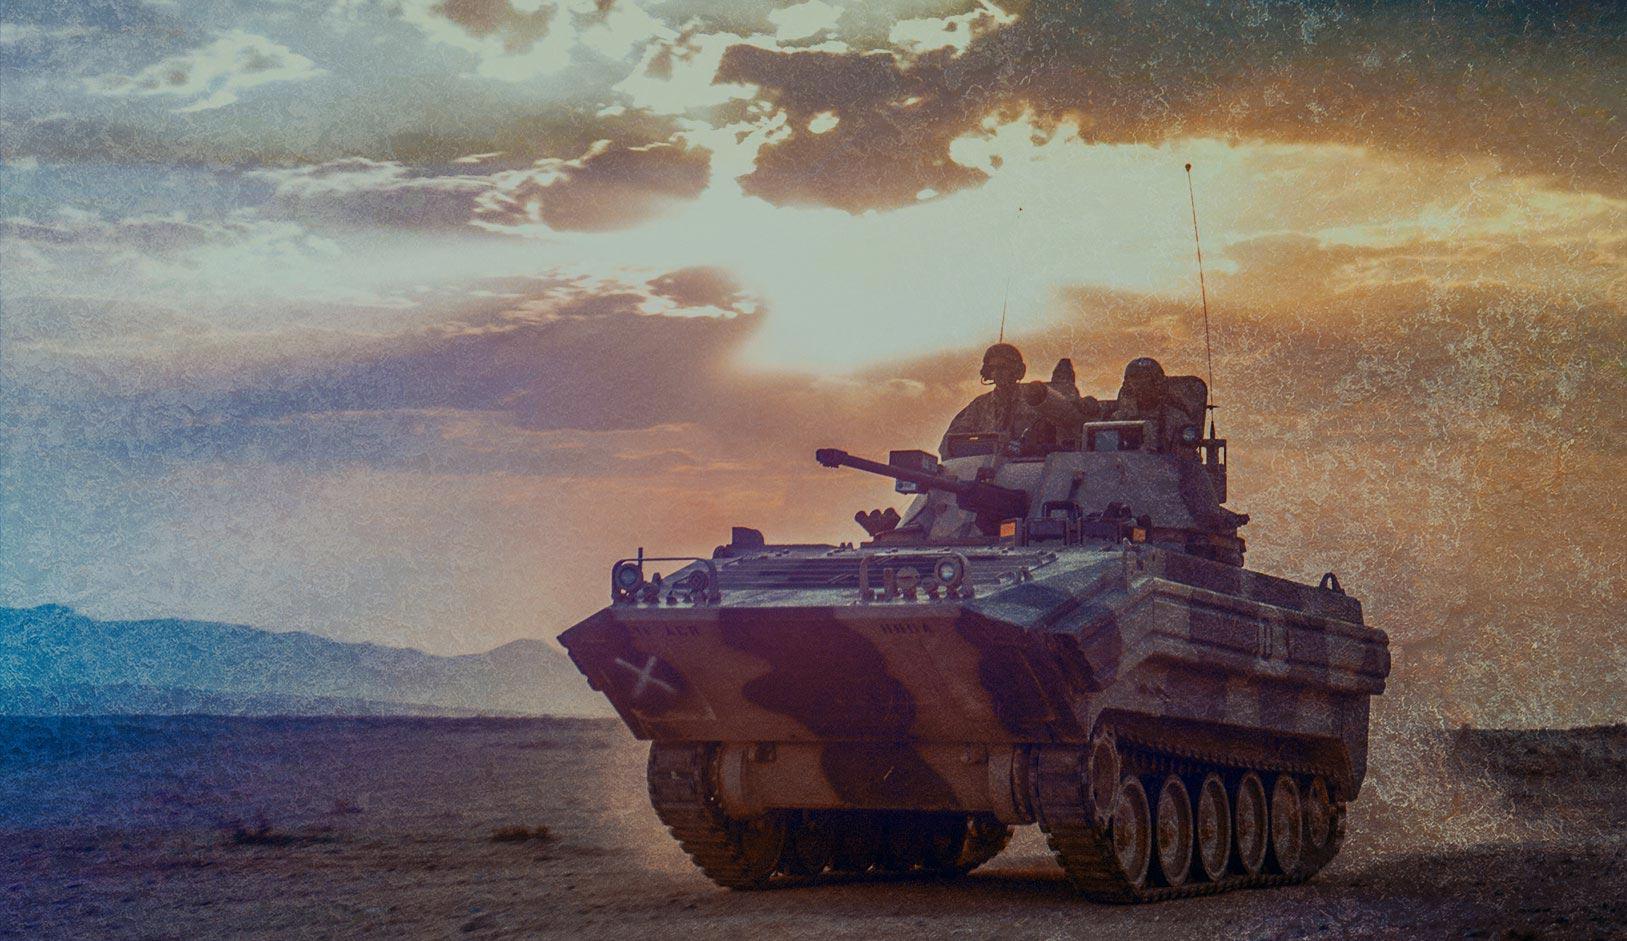 tank on battlefield